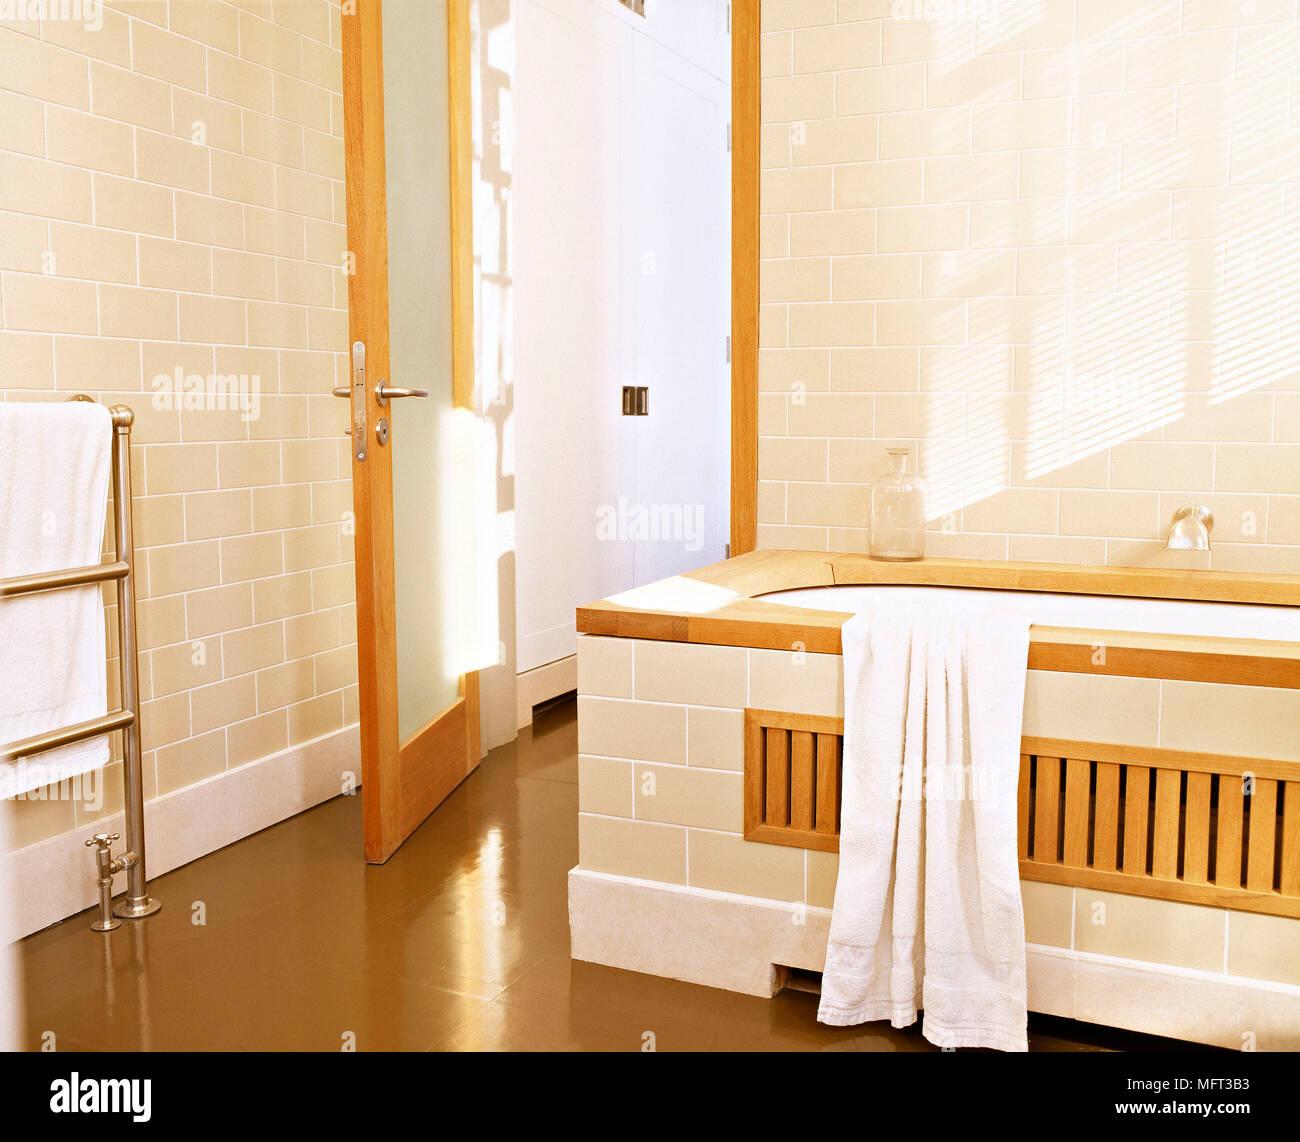 Detalle De Bano Neutros Modernos Banos Interiores Bano Alicatado - Baos-con-azulejos-modernos